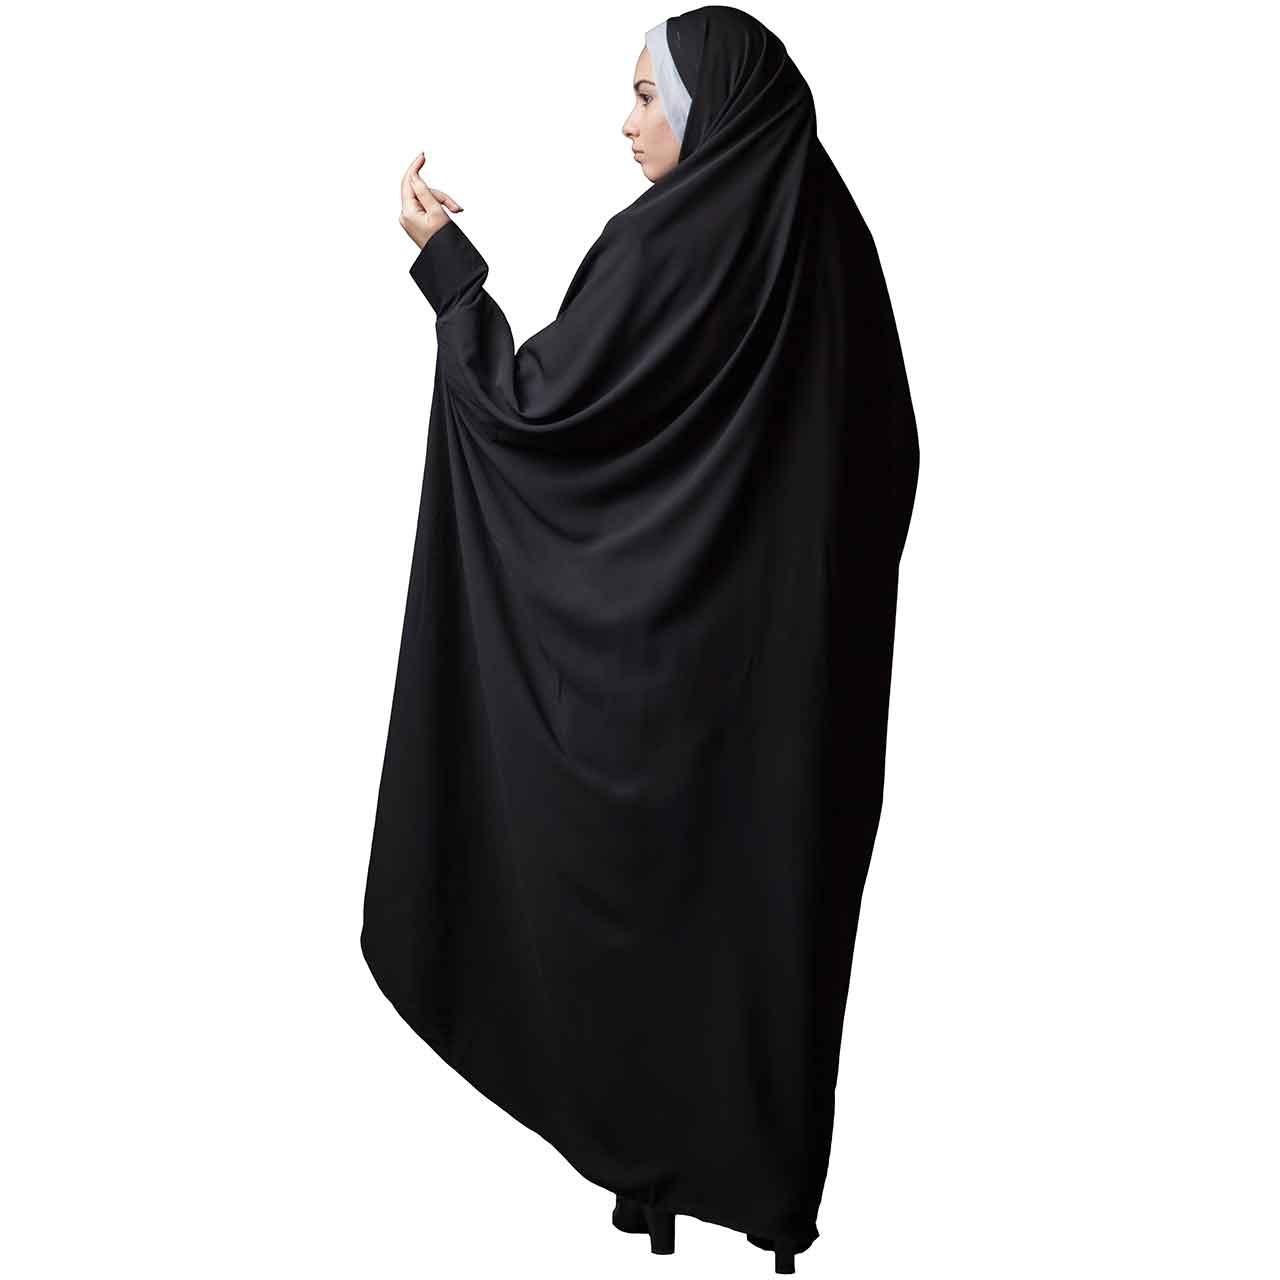 چادر دانشجویی مچدار حریراسود حجاب فاطمی مدل 201021